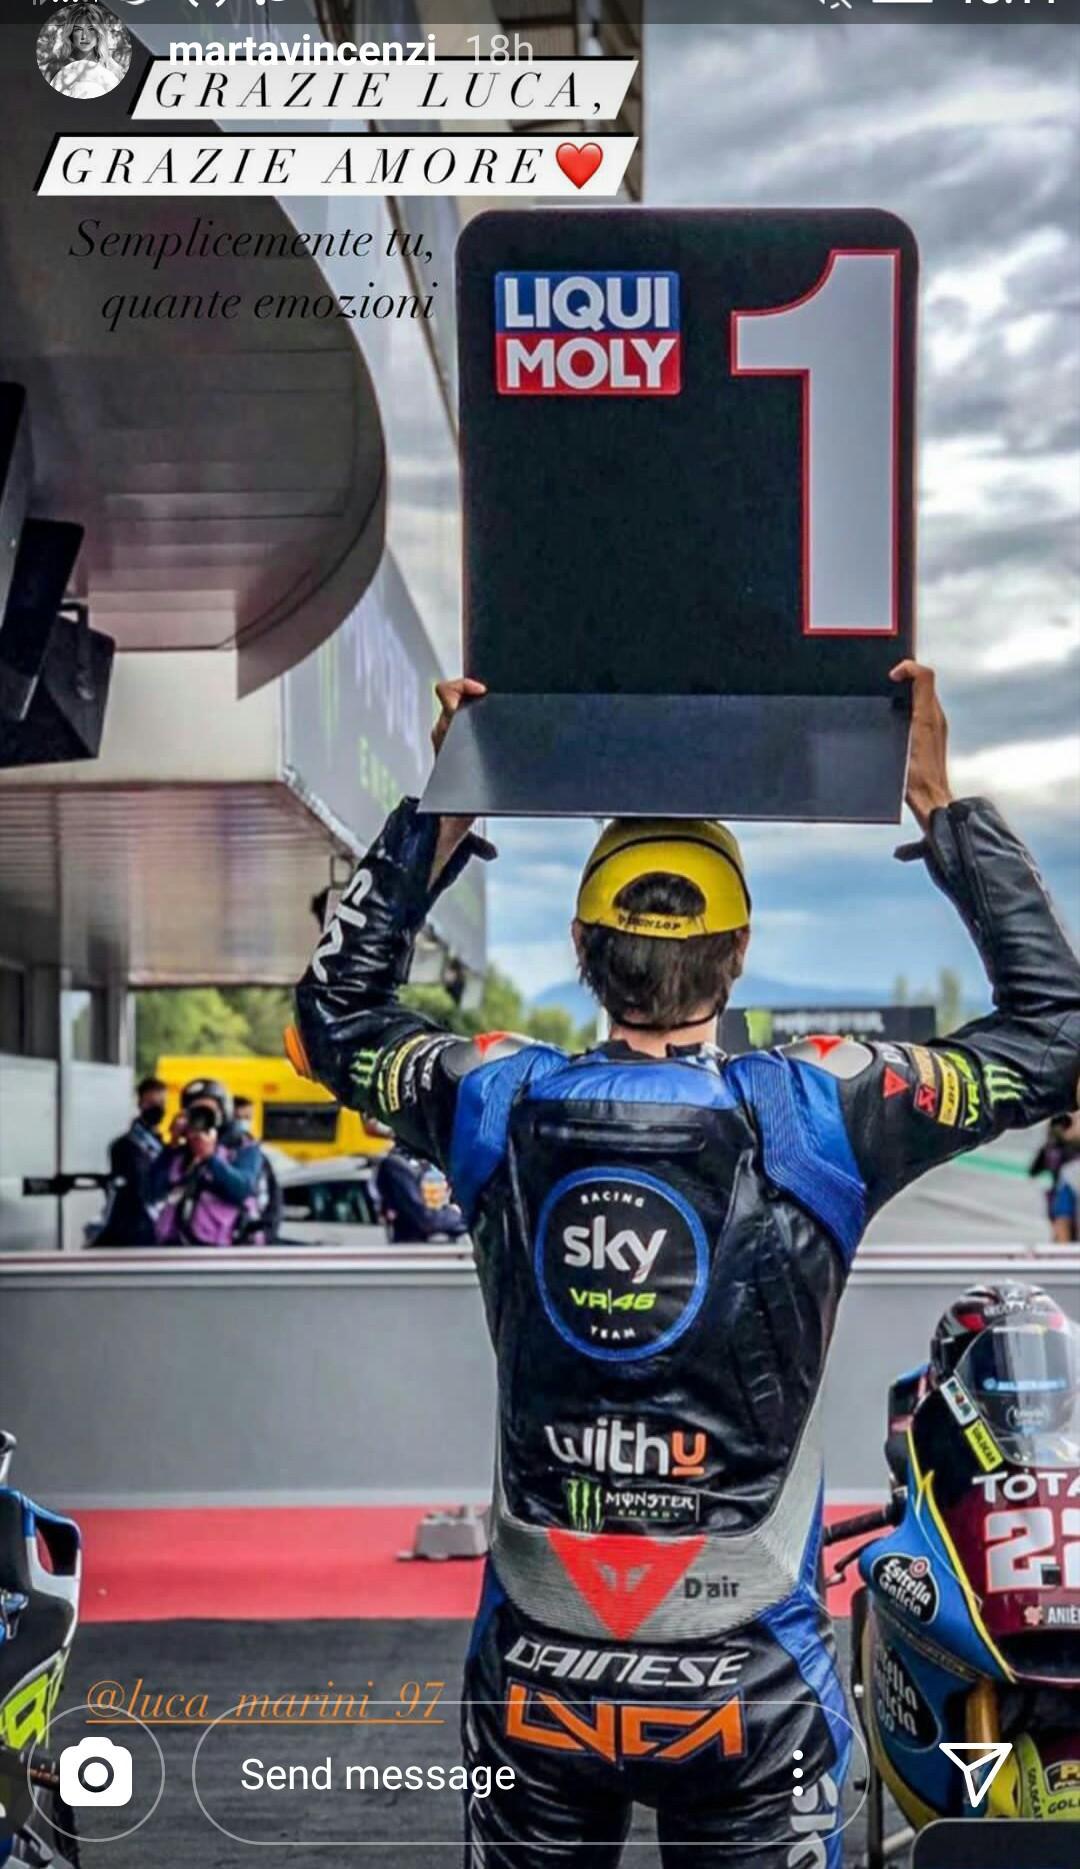 Luca Marini Menang Moto2 Catalunya Pacar Langsung Kirim Pesan Copyright: Instagram Marta Vincenzi